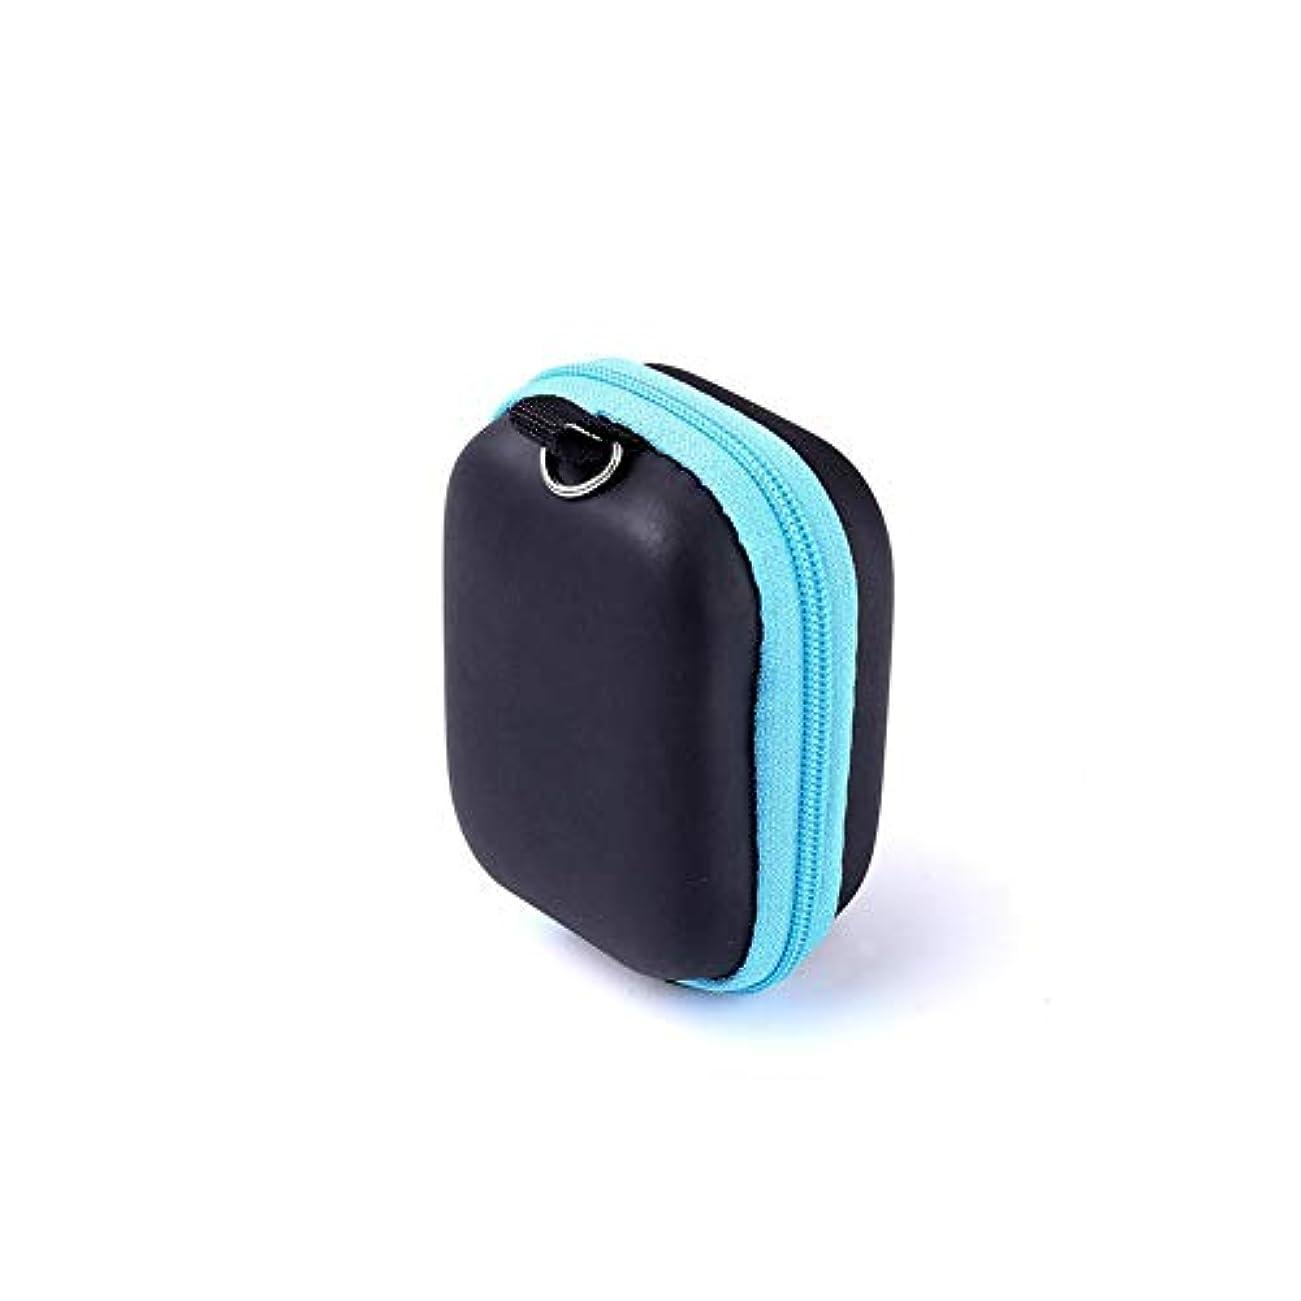 全部矢やりがいのあるPursue エッセンシャルオイル収納ケース アロマオイル収納ボックス アロマポーチ収納ケース 耐震 携帯便利 香水収納ポーチ 化粧ポーチ 6本用